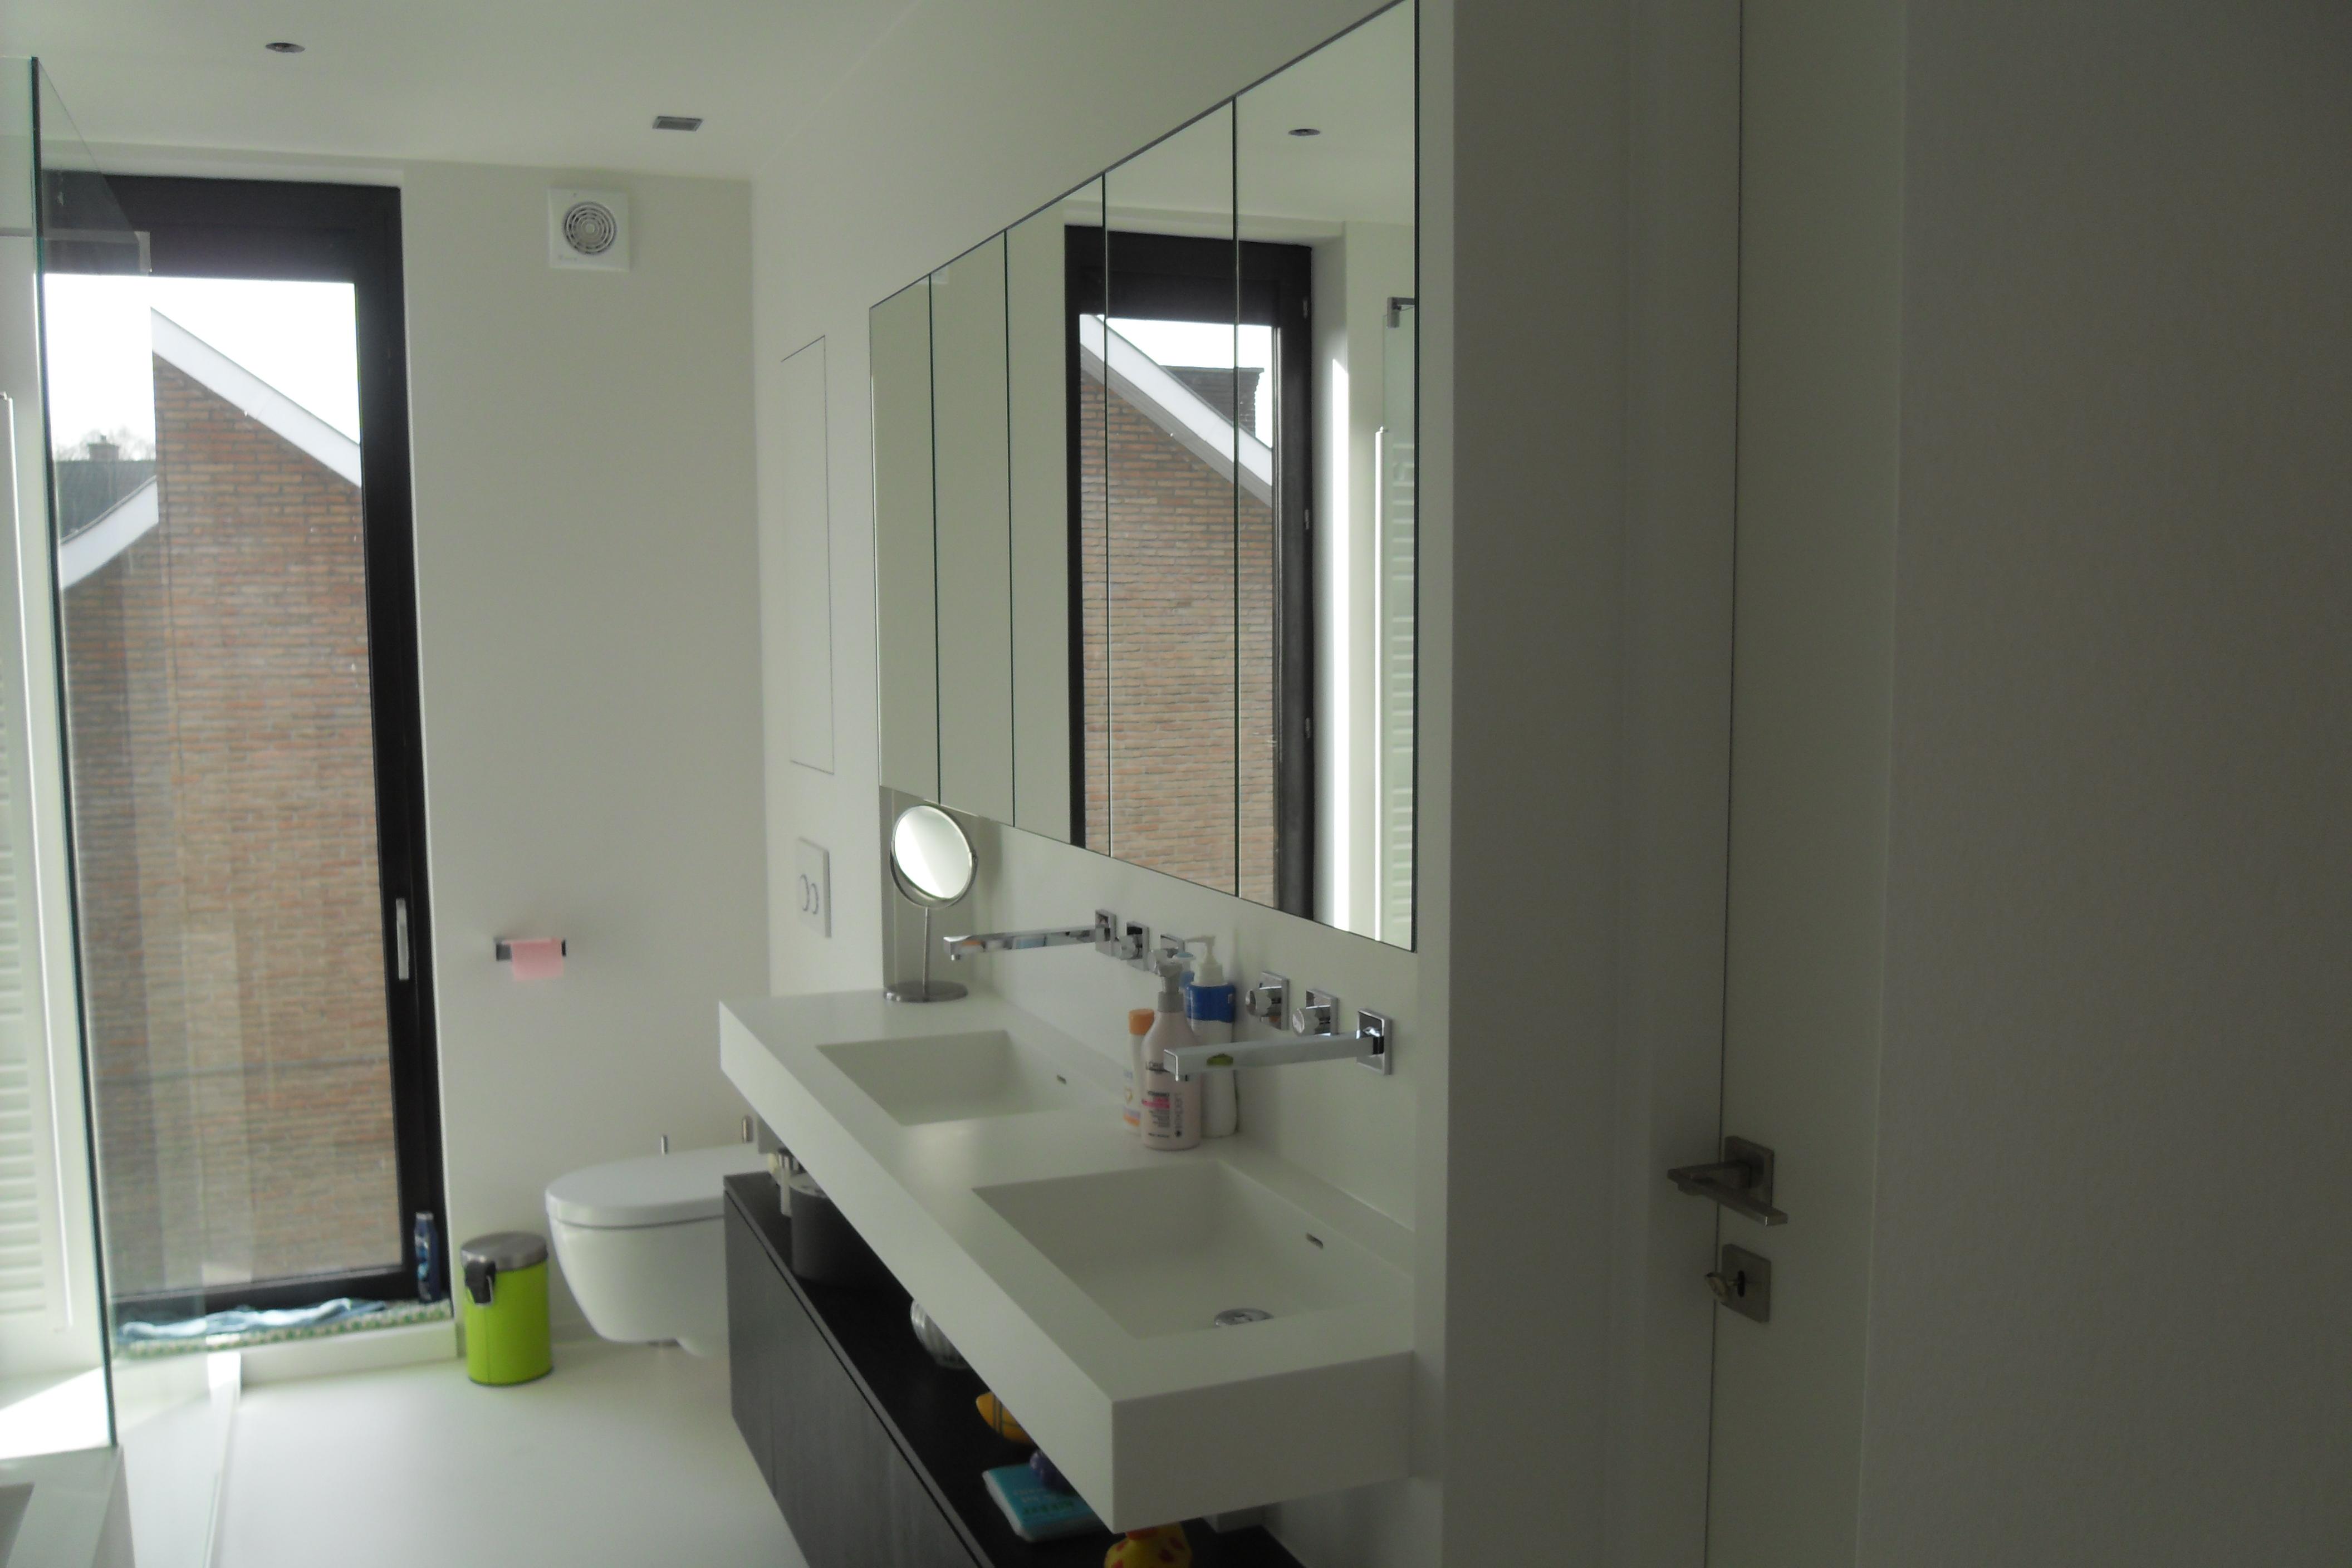 Hoogte Sierstrip Badkamer : Mooi inloopdouche met hoogte wastafel badkamer badkamermeubels